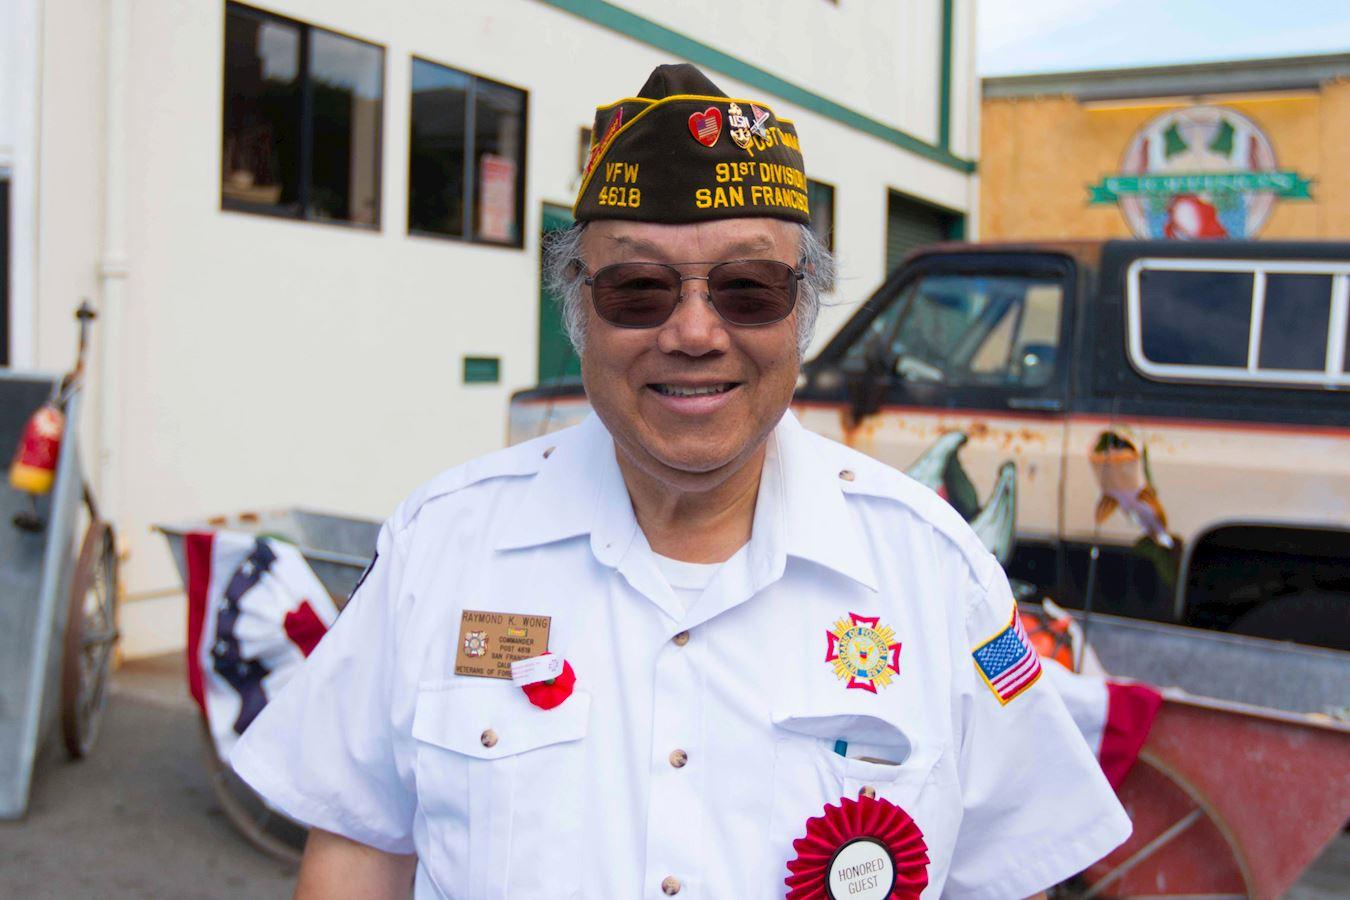 美國退伍軍人協會第十五分會指揮官黃國仁表示非常高興看到法輪功學員參加老兵節遊行。(明慧網)